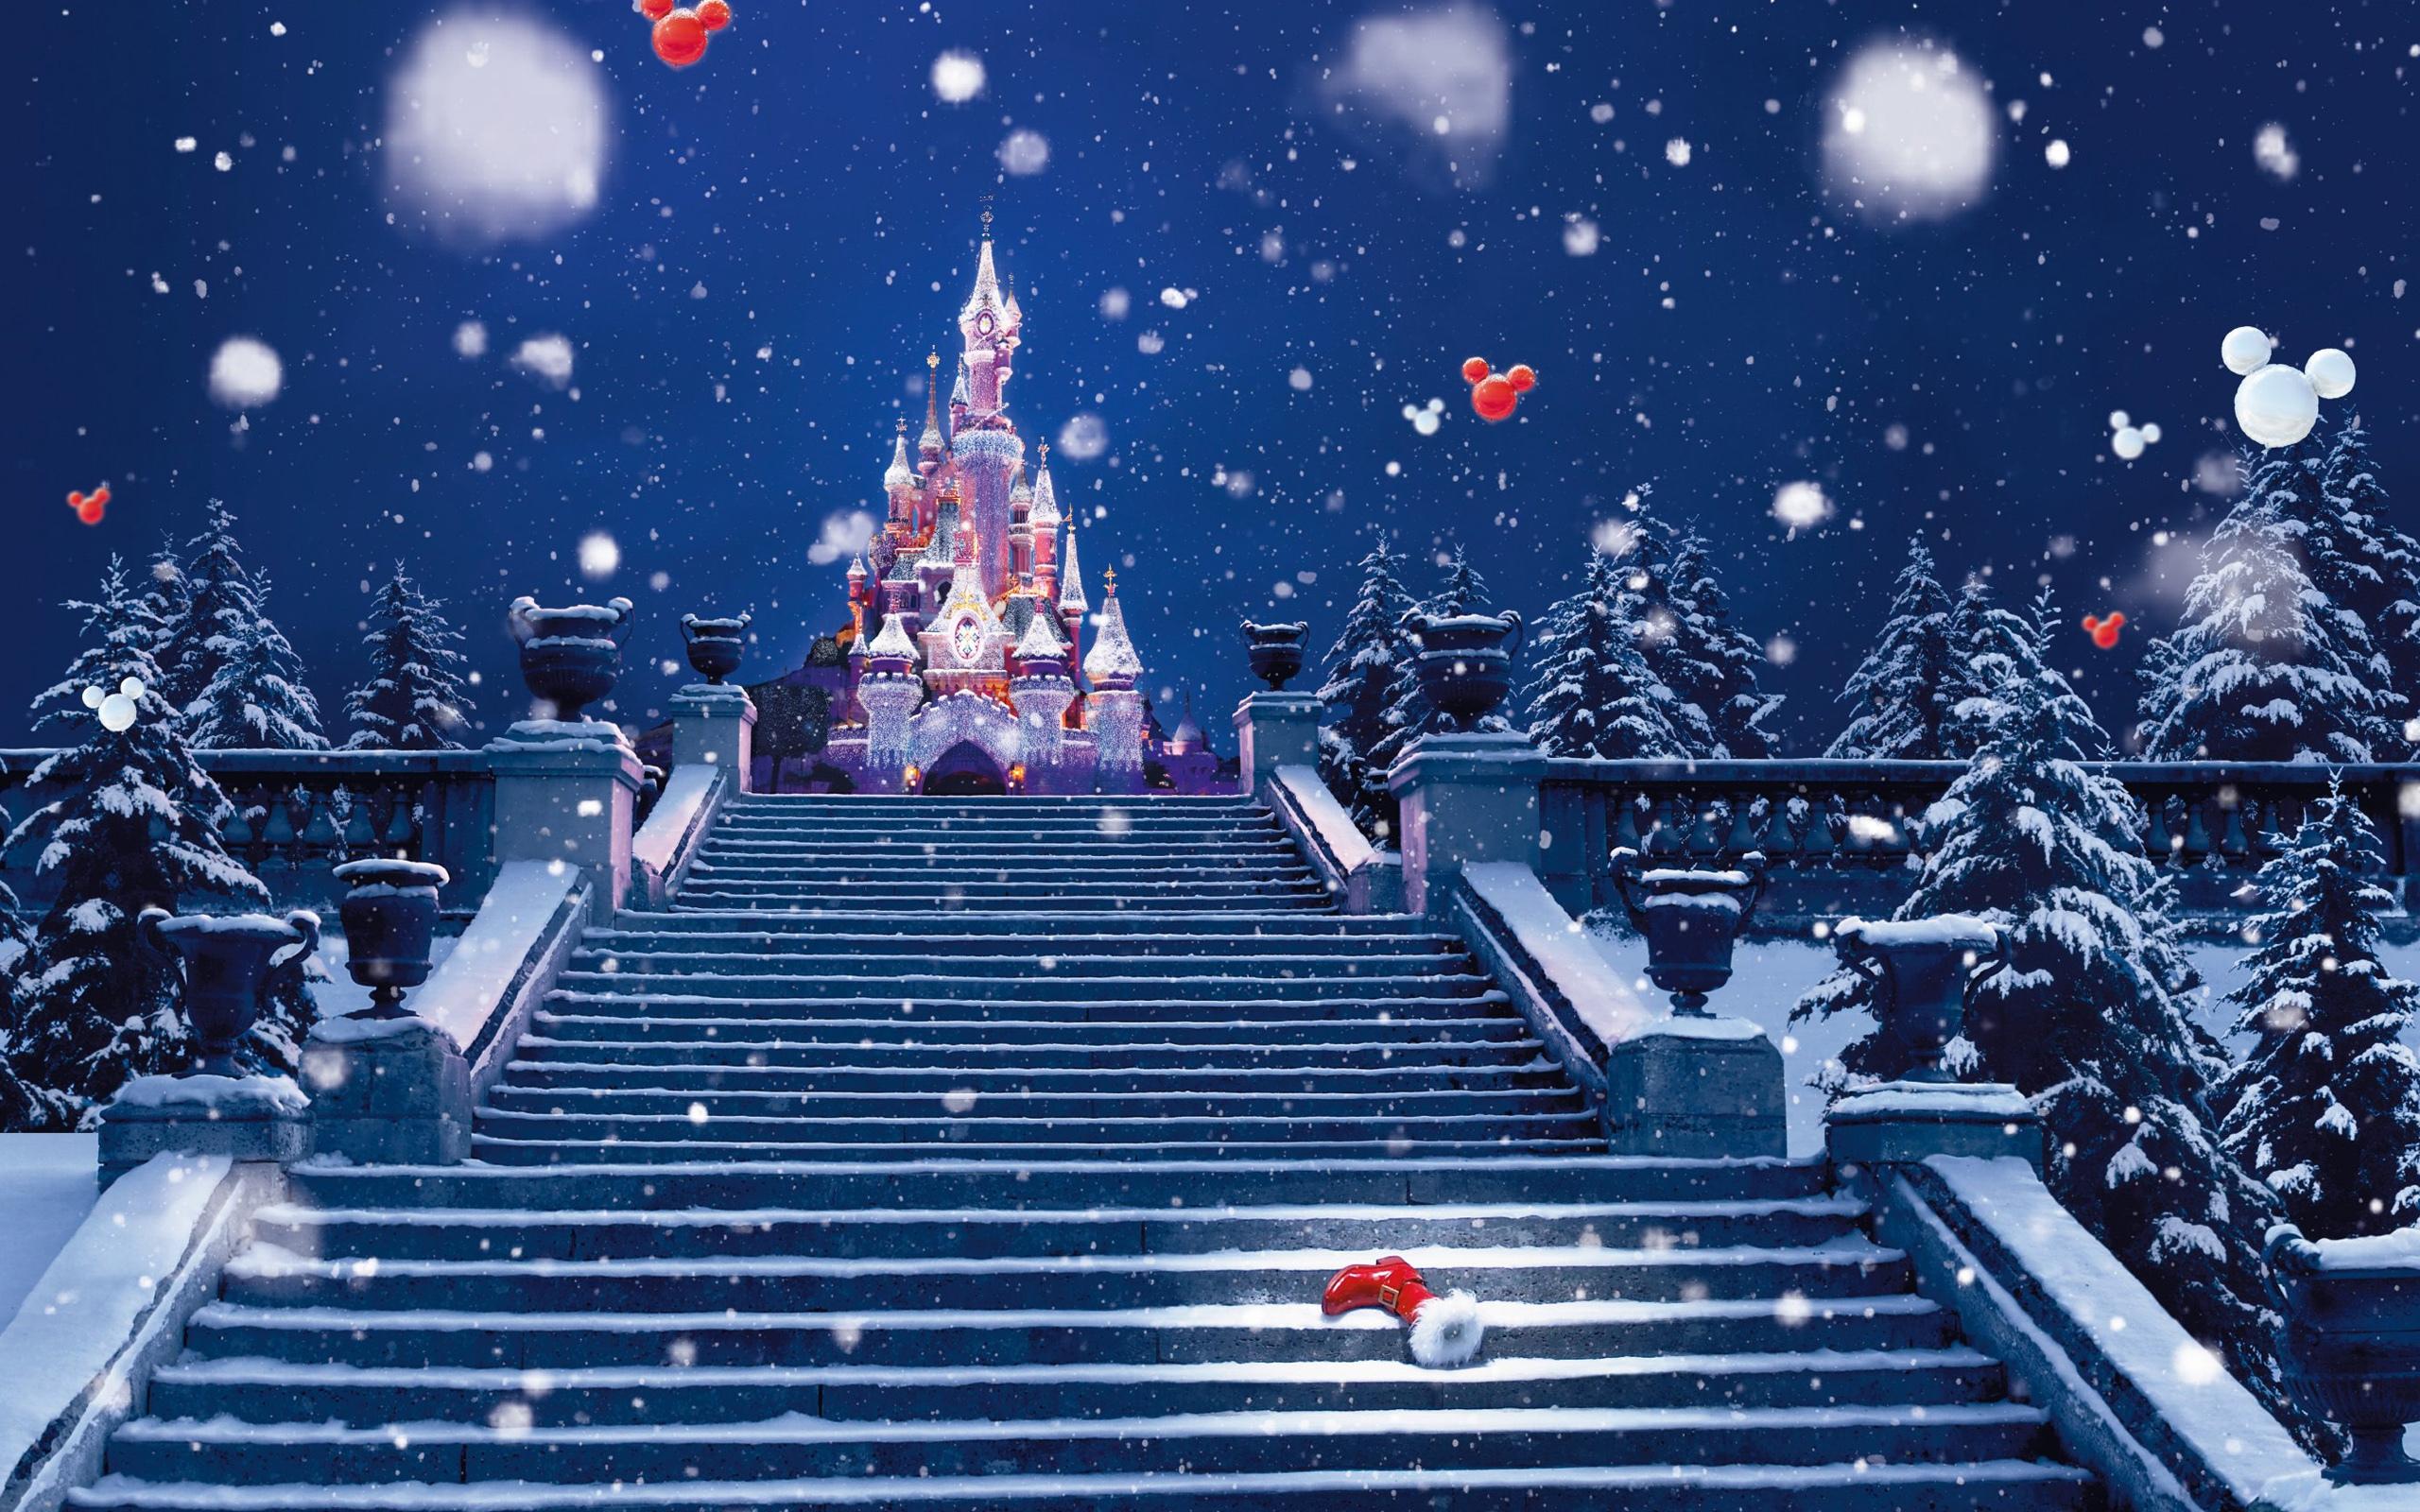 Лестница в диснейленд - C Рождеством Христовым поздравительные картинки